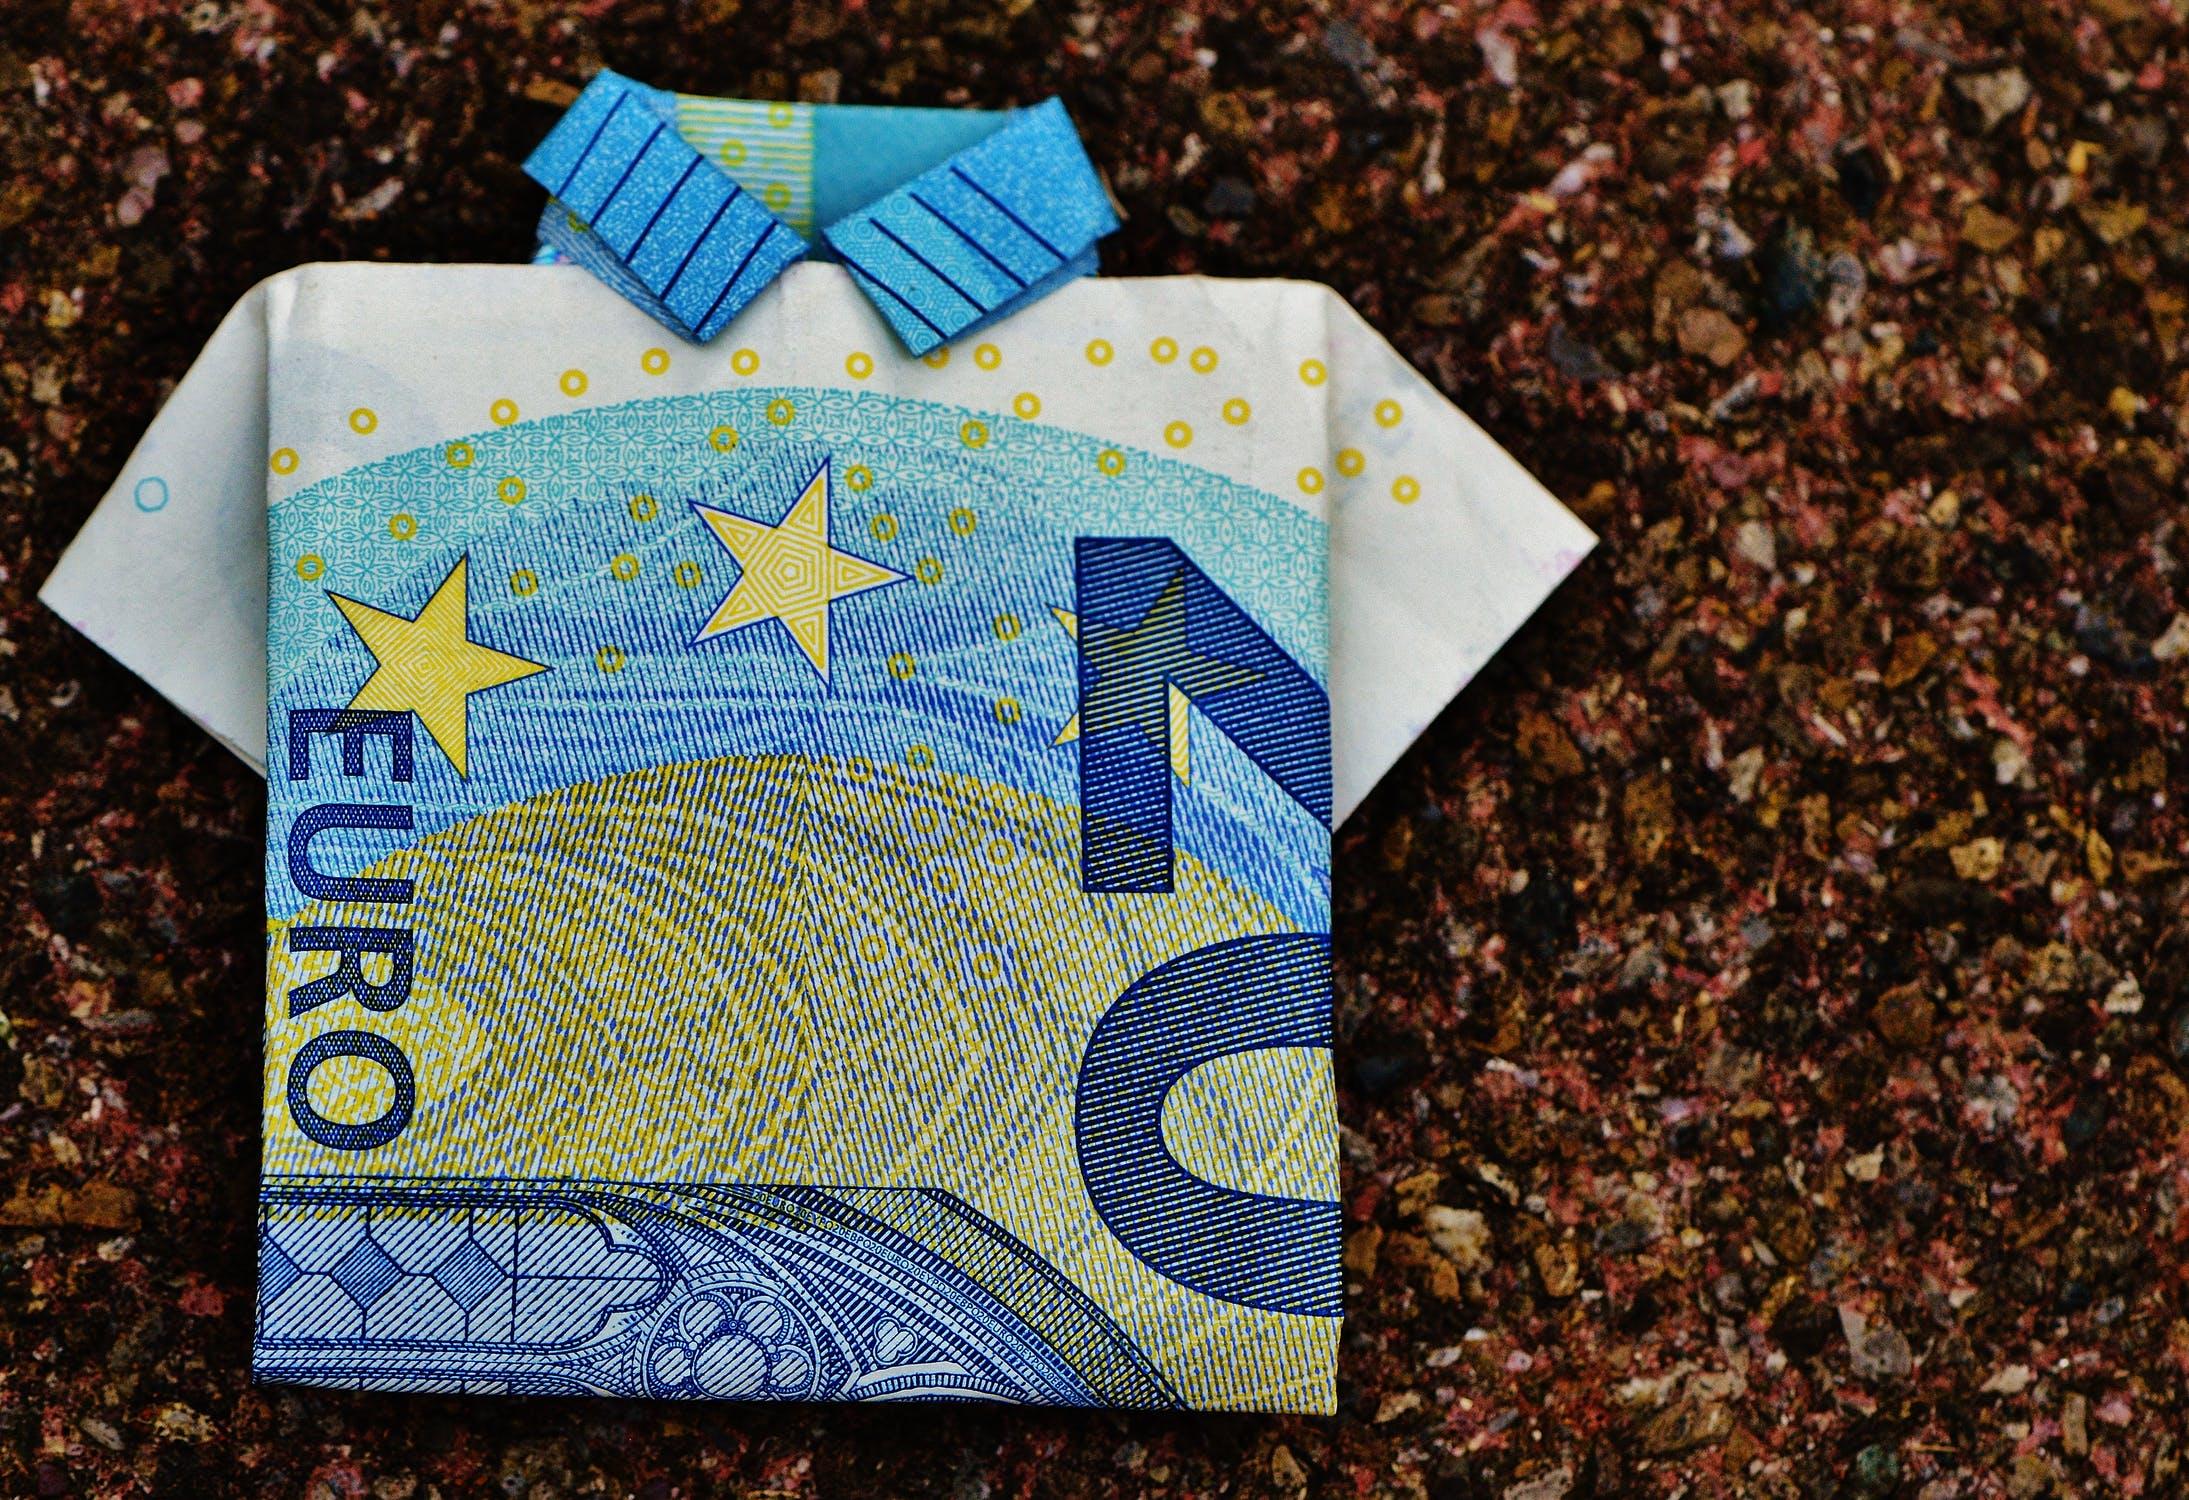 Les 5 erreurs de gestion mortelles pour les Freelances & PME dans le contexte la crise du COVID-19 ! 1